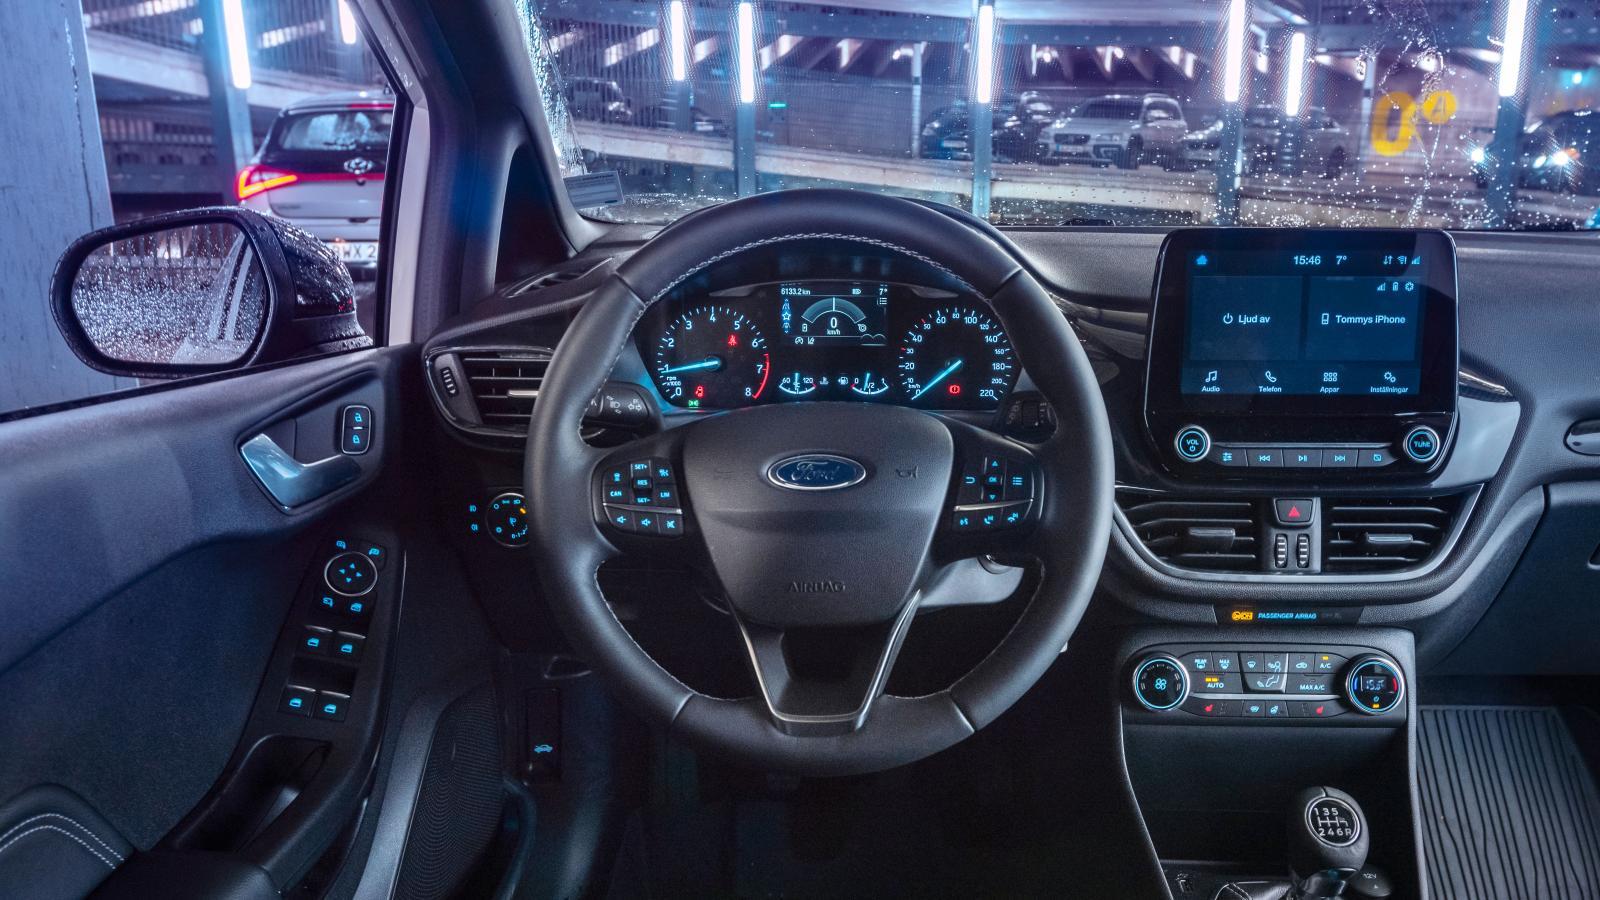 Ford Fiesta av 2021 års modell har många ljuspunkter. Belyst sidospegelreglage (i dörrhandtaget) tillhör inte vanligheterna i småbilsklassen.